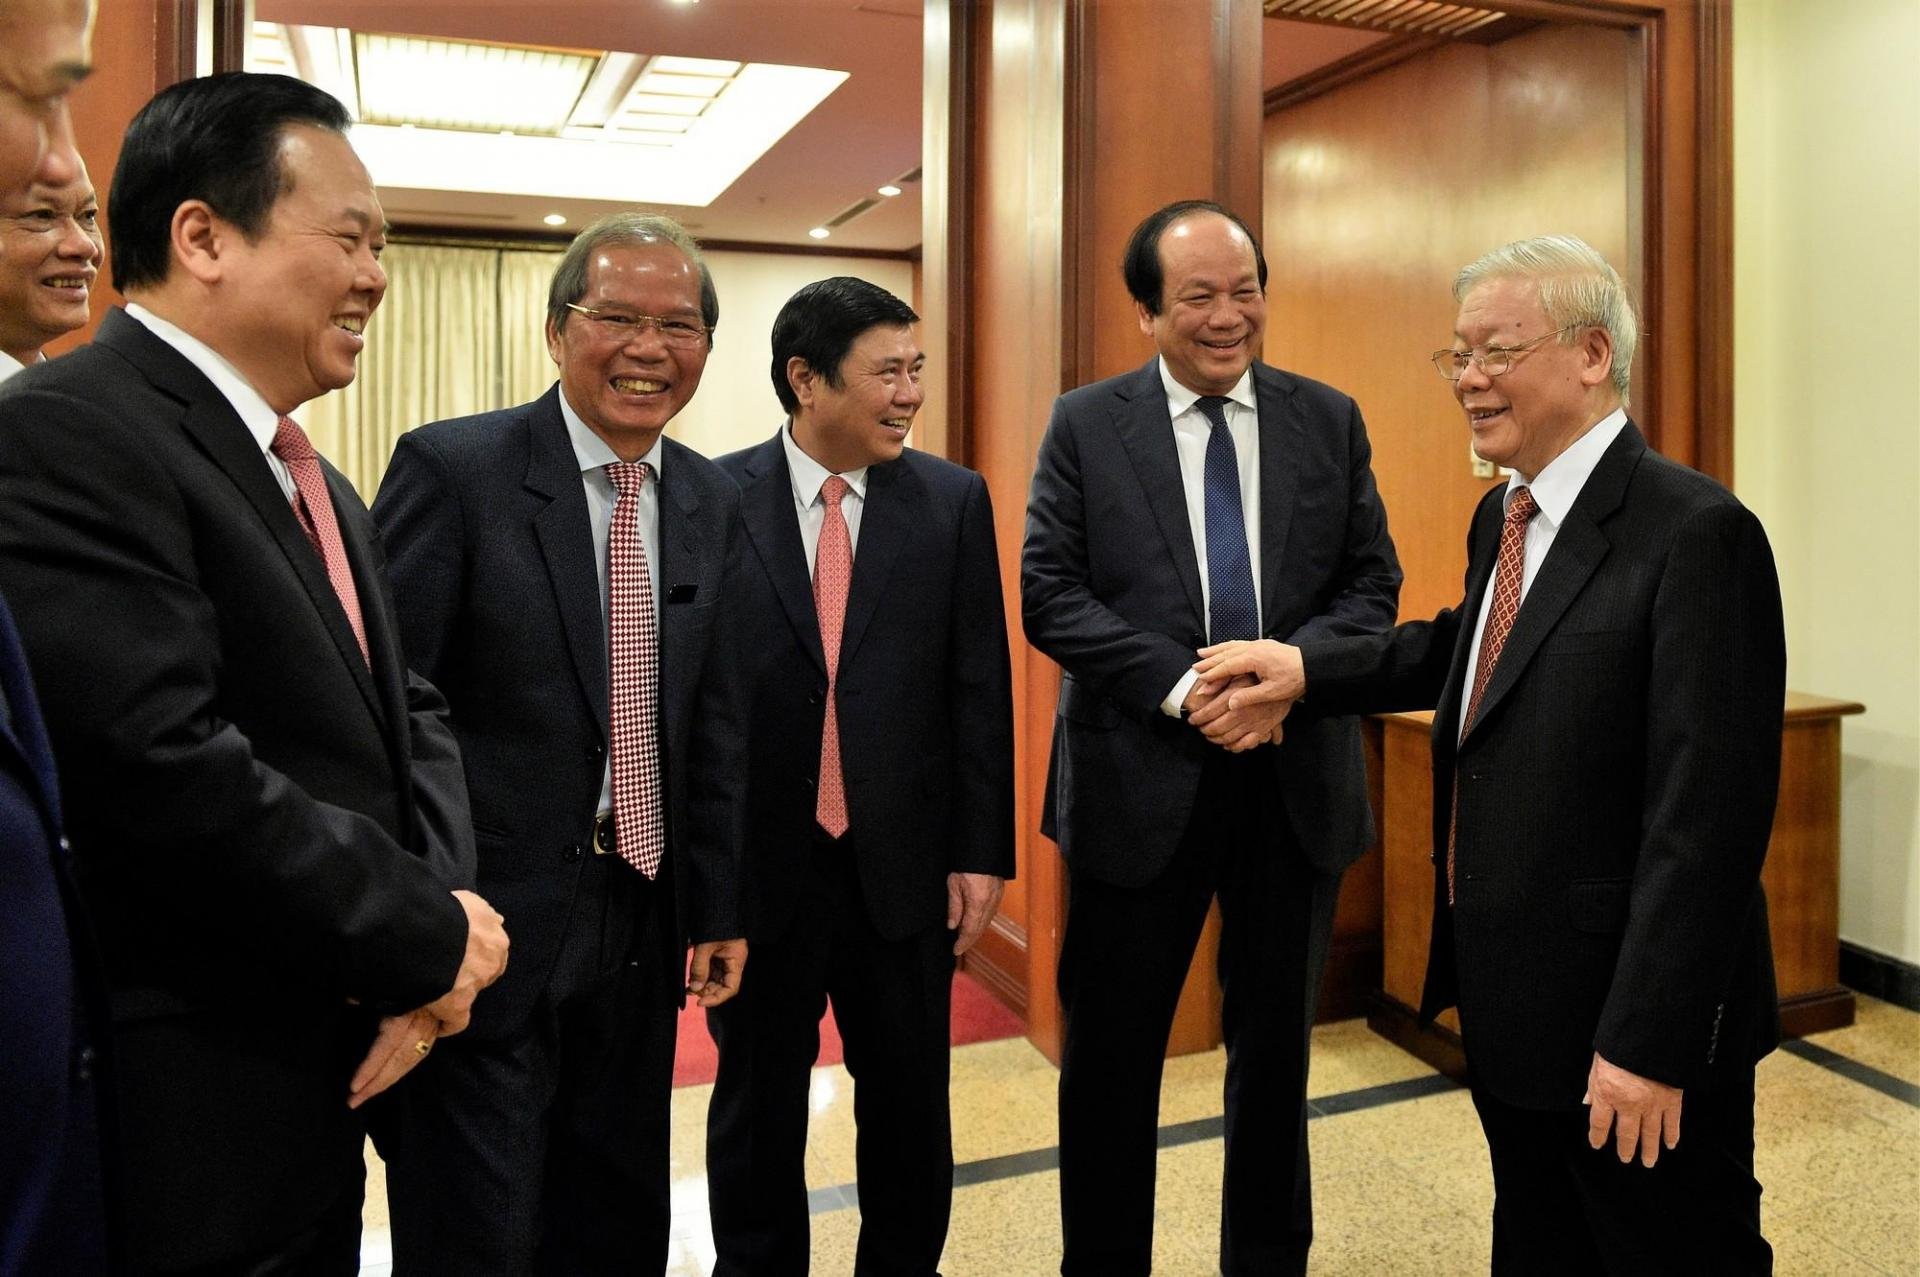 Tổng Bí thư, Chủ tịch nước Nguyễn Phú Trọng trò chuyện với các đại biểu dự Hội nghị Trung ương 12.